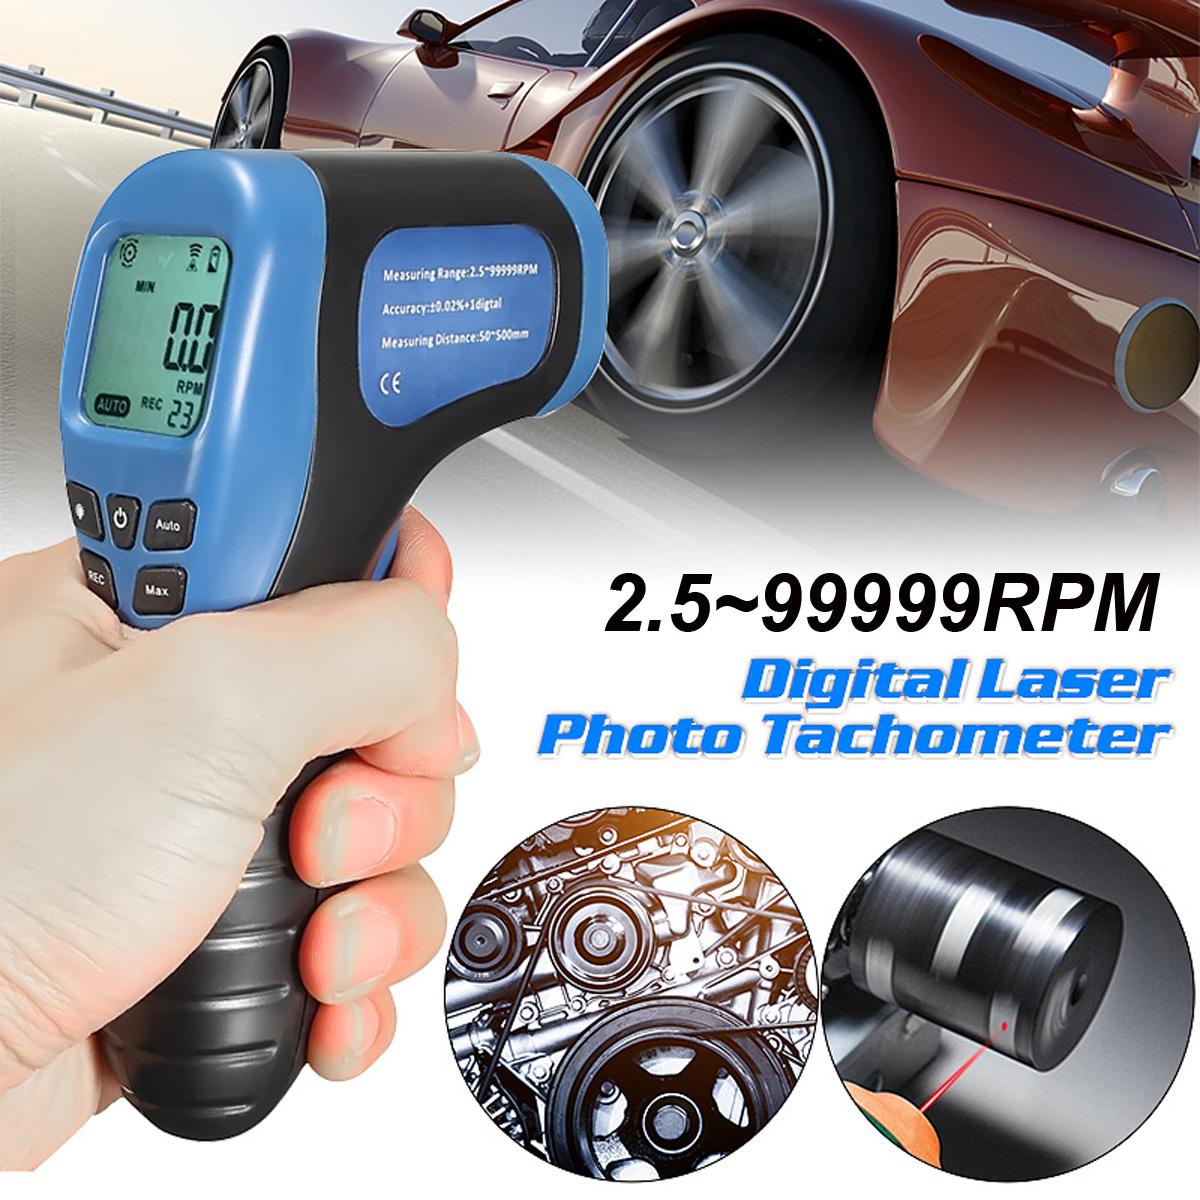 Цифровой бесконтактный лазерный фото-тахометр для измерения скорости